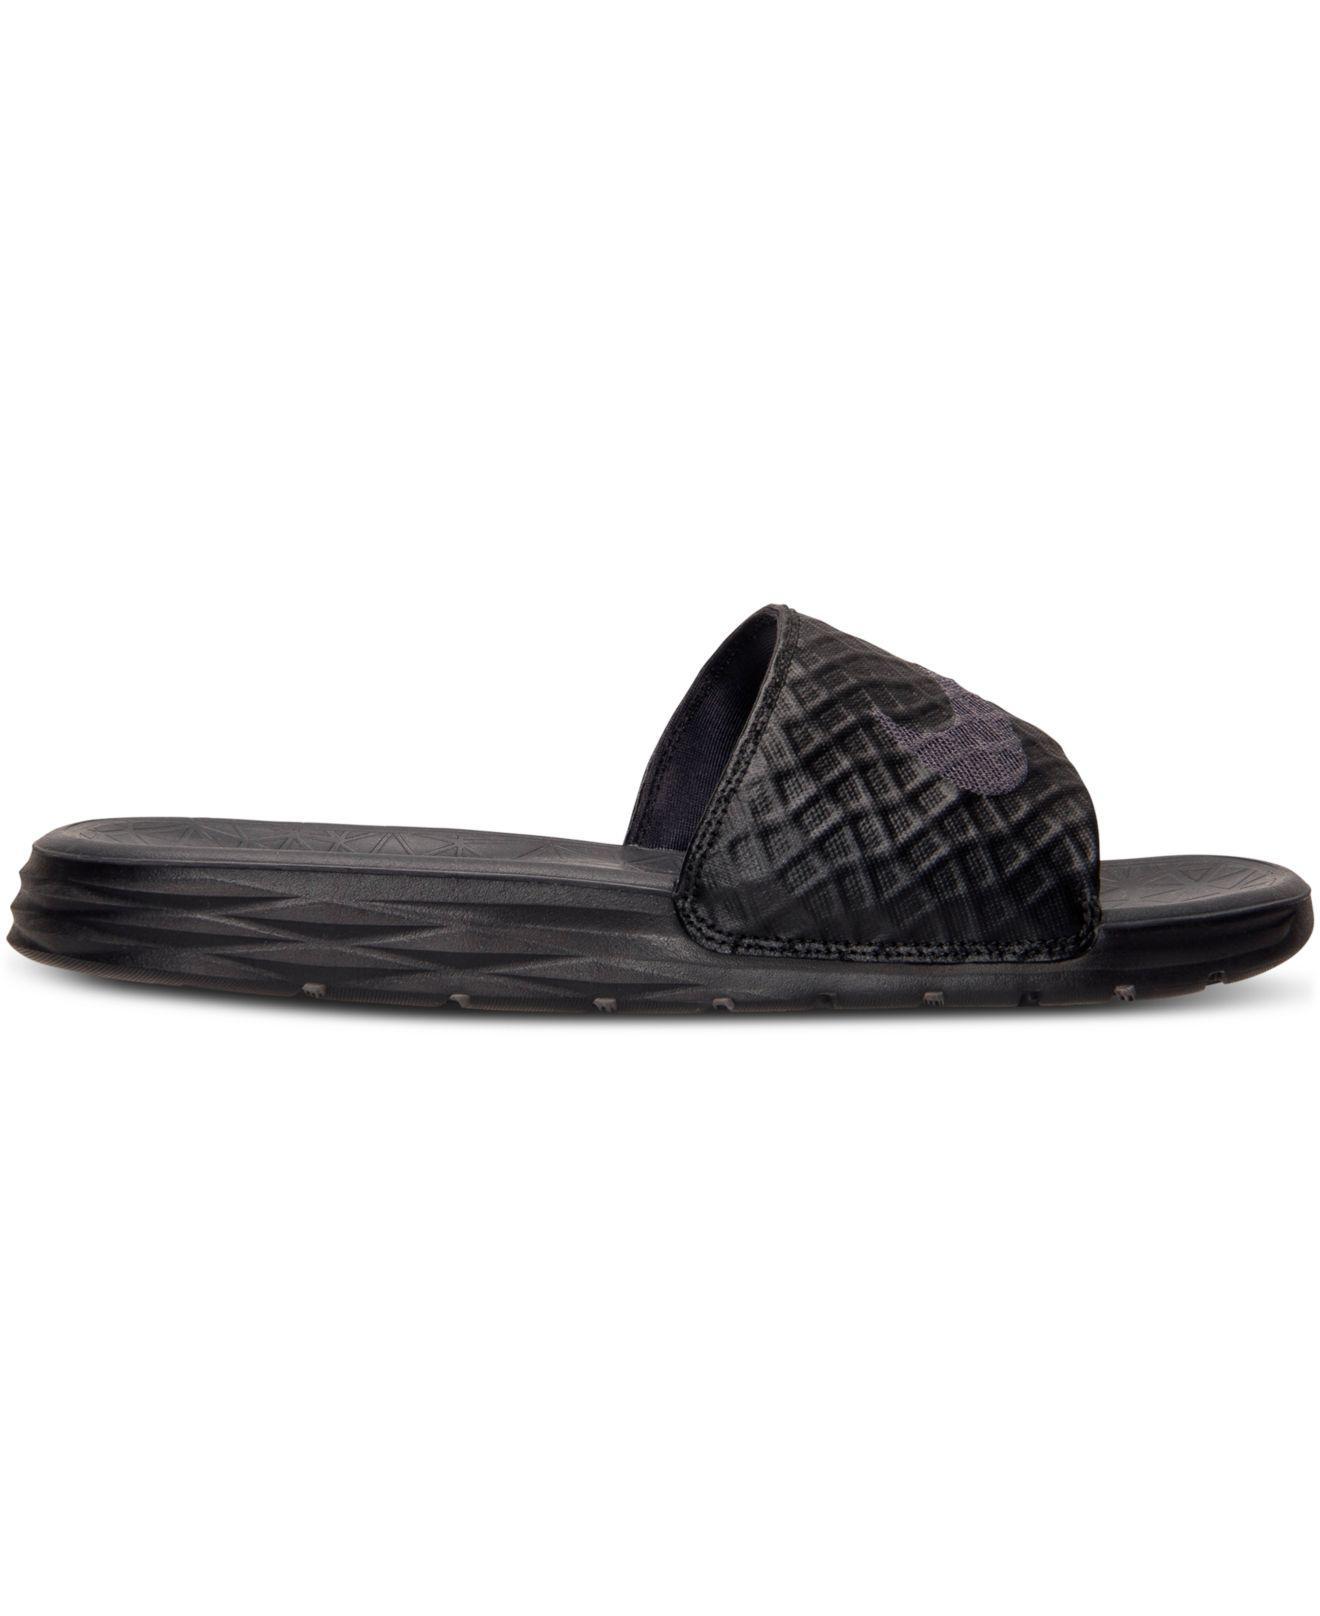 31cd1b16e608a Lyst - Nike Men s Benassi Solarsoft Slide 2 Sandals From Finish Line in  Black for Men - Save 28%